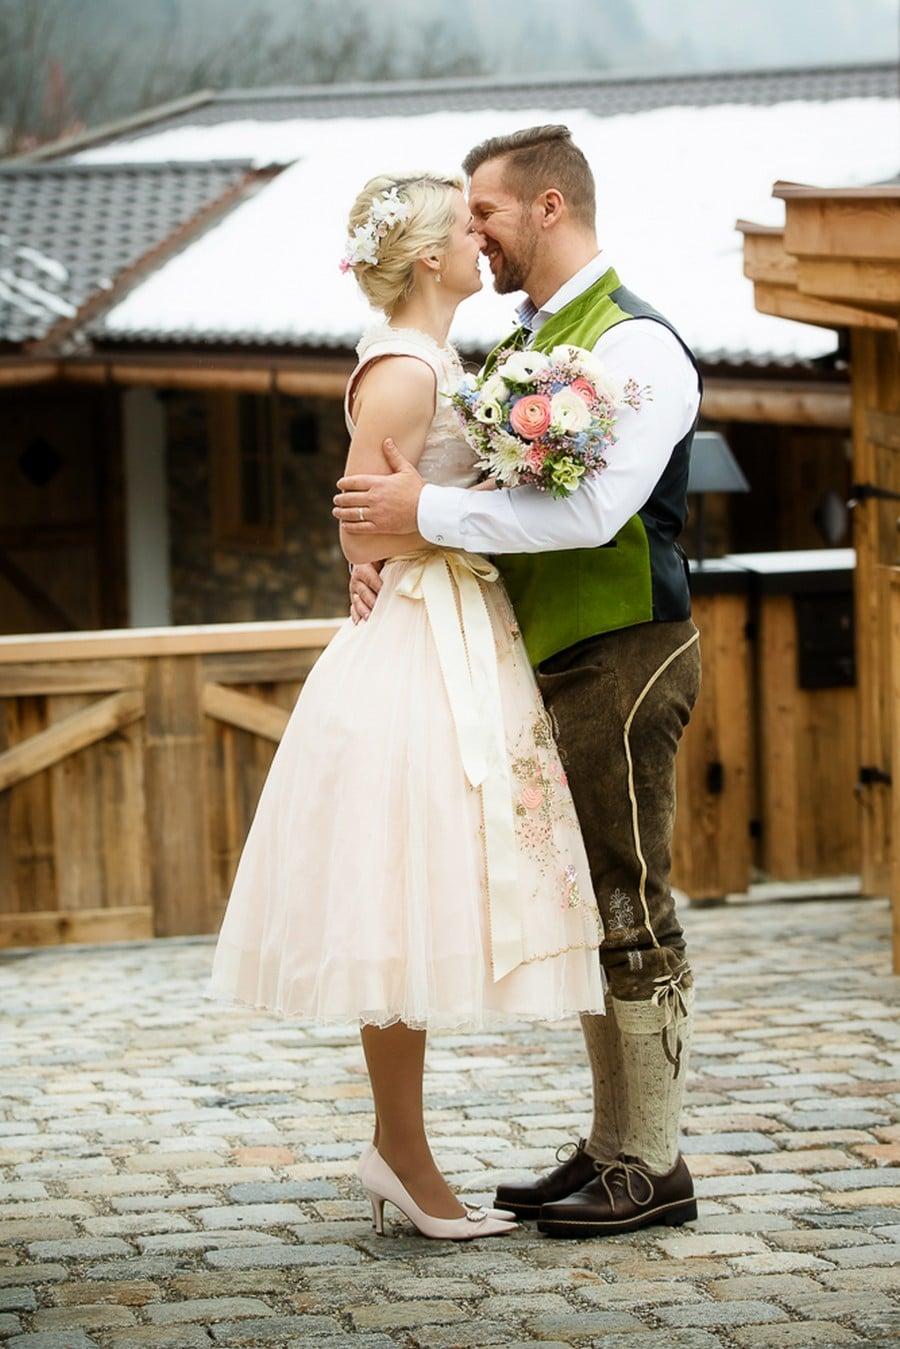 Welche Farben Passen Zu Einer Rosa Hose : kurzes, zartrosafarbenes BrautDirndl  kleiner Strauß  Blüten [R